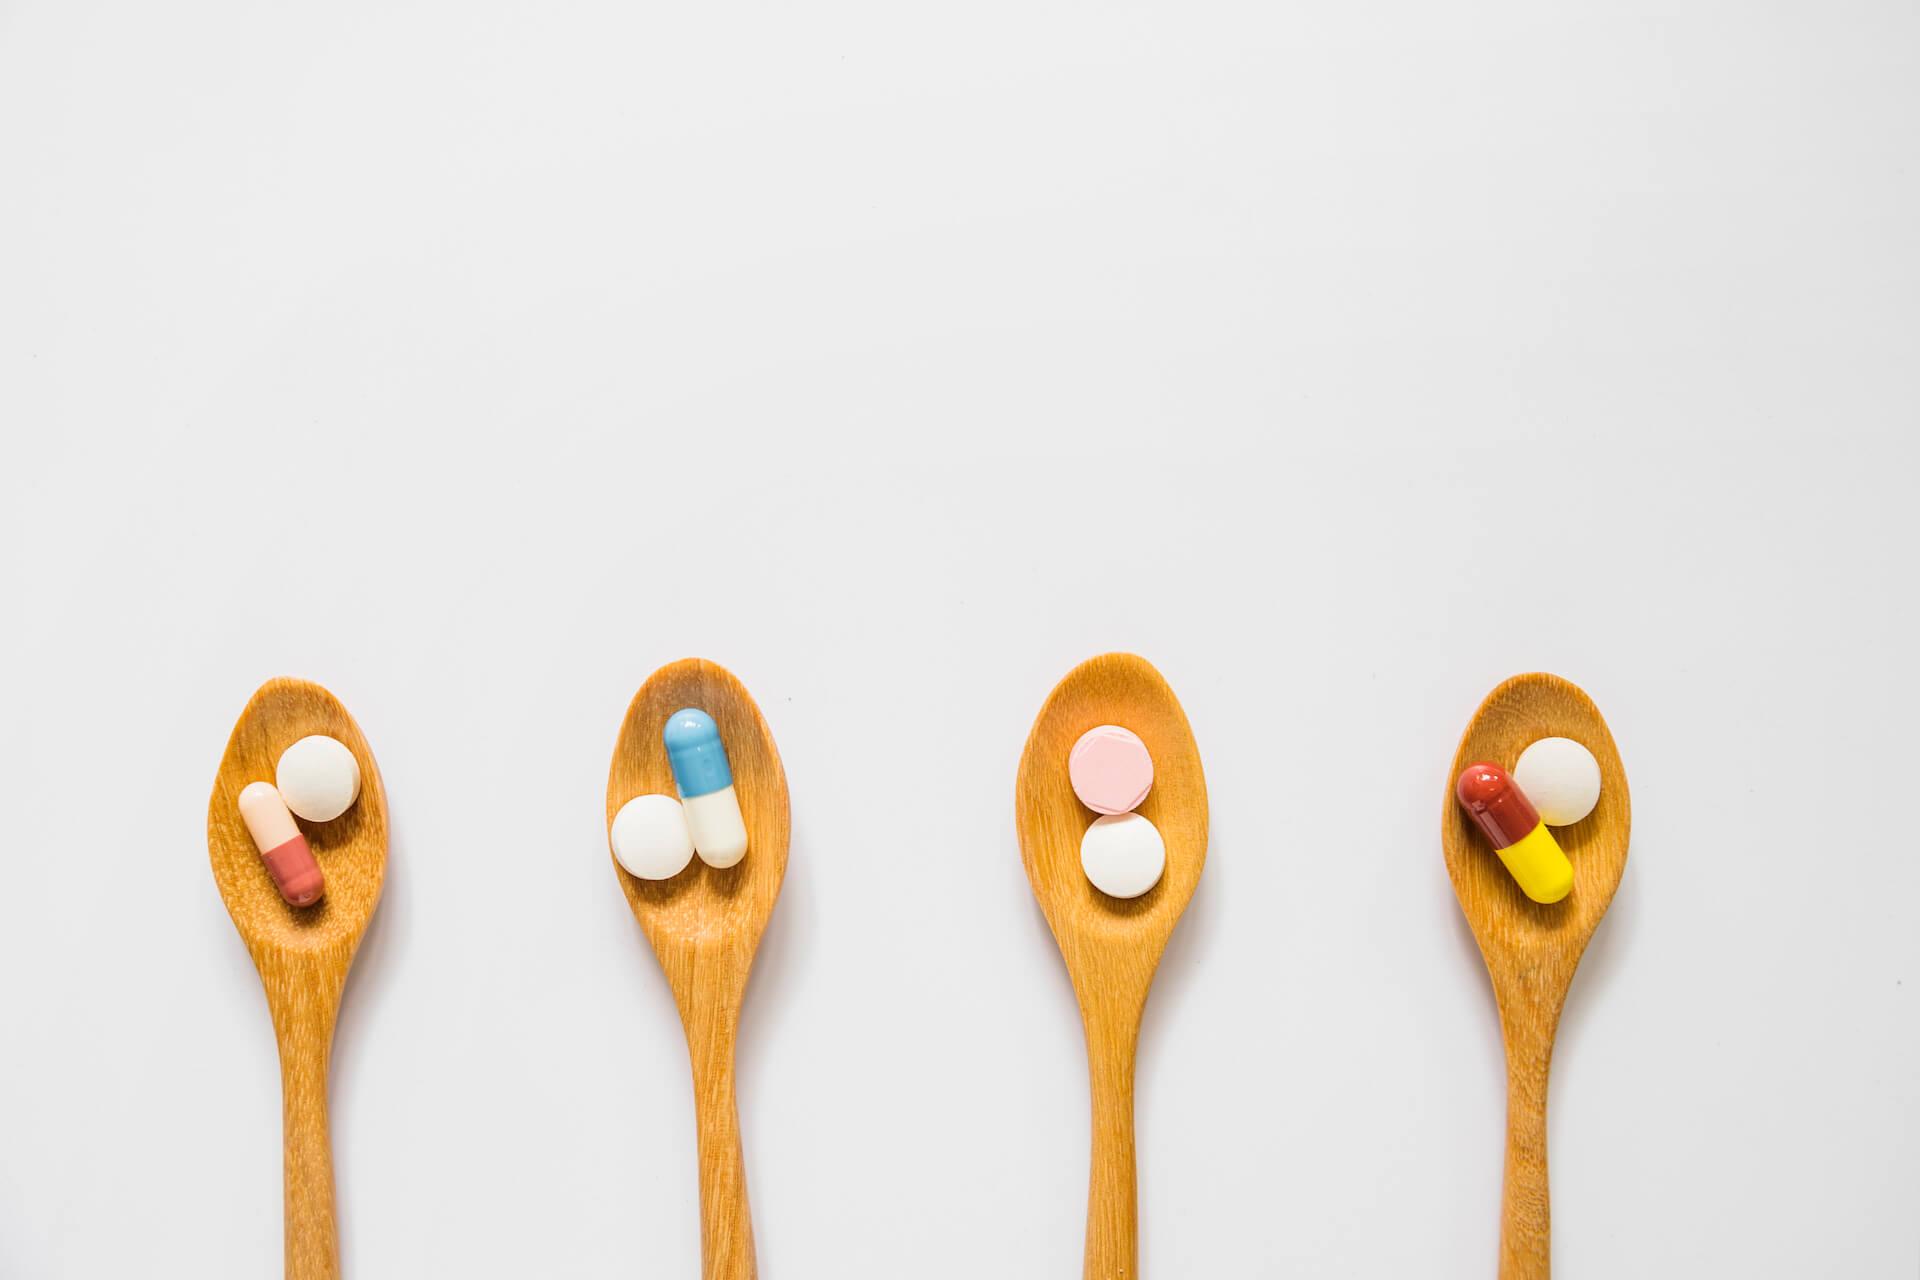 新商品のご案内 - 海外向け健康食品 -